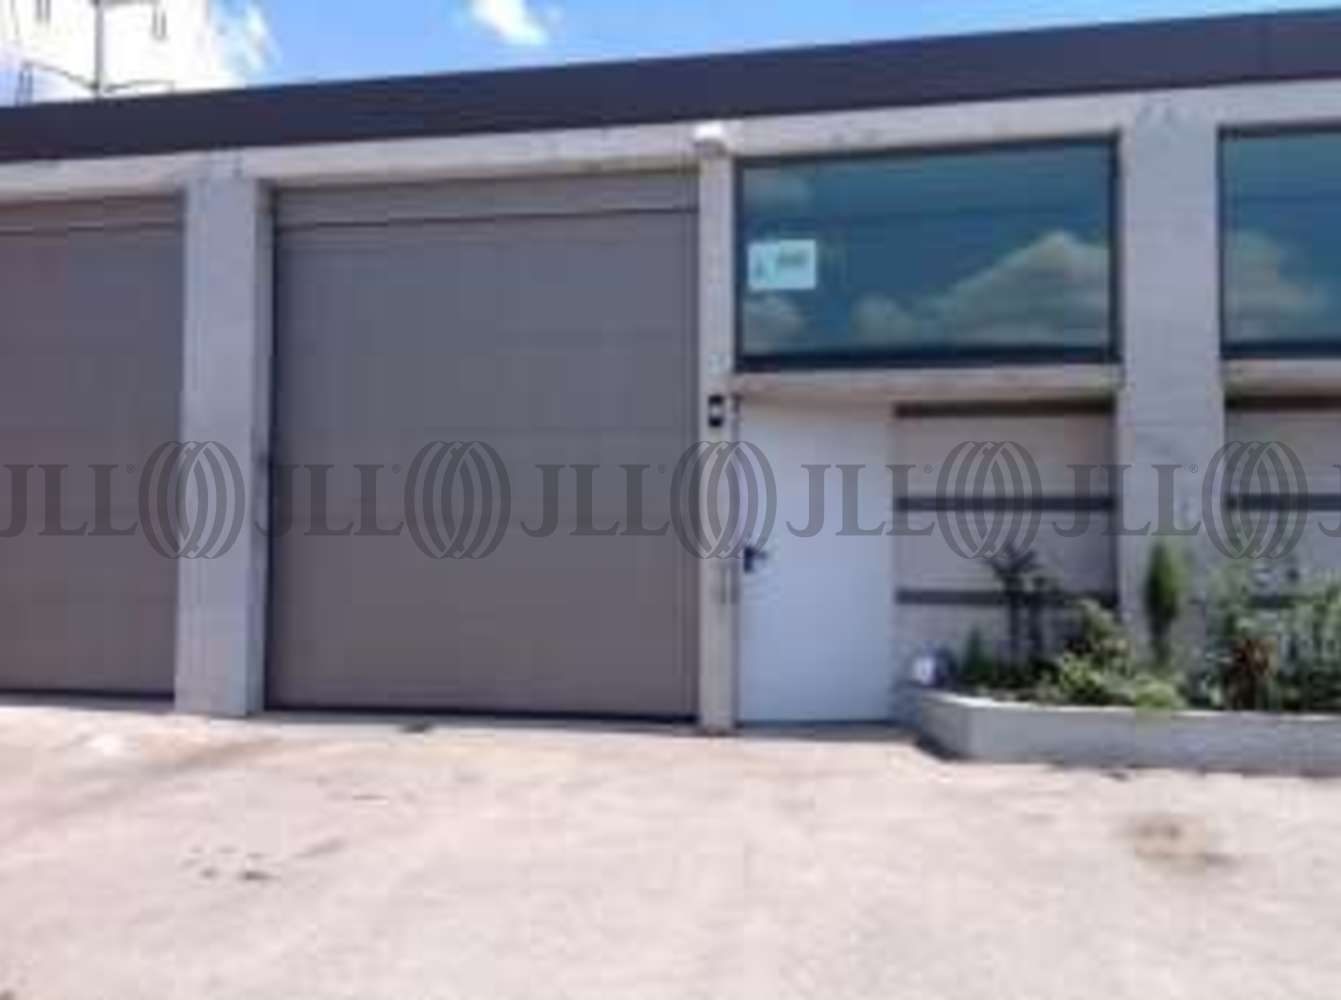 Activités/entrepôt Venissieux, 69200 - Location entrepot Vénissieux - Lyon Est - 10914938